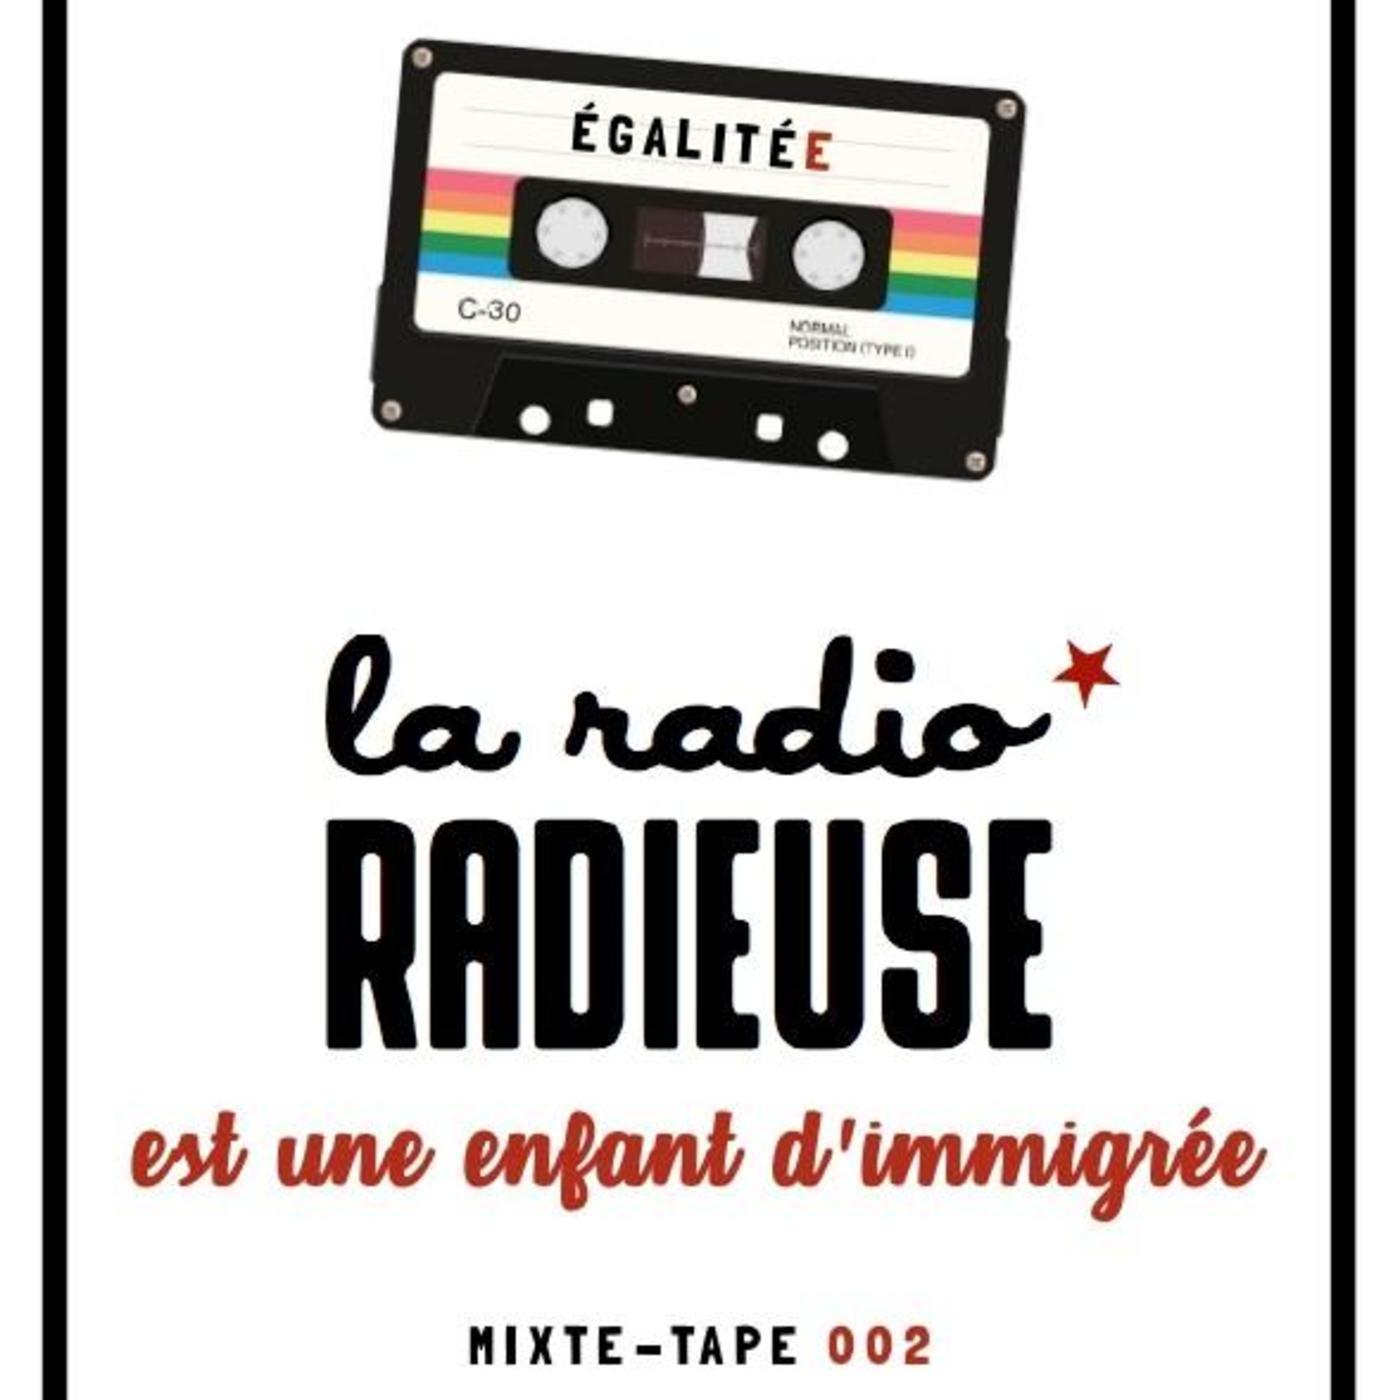 La Radio Radieuse est un enfant d'immigré #2